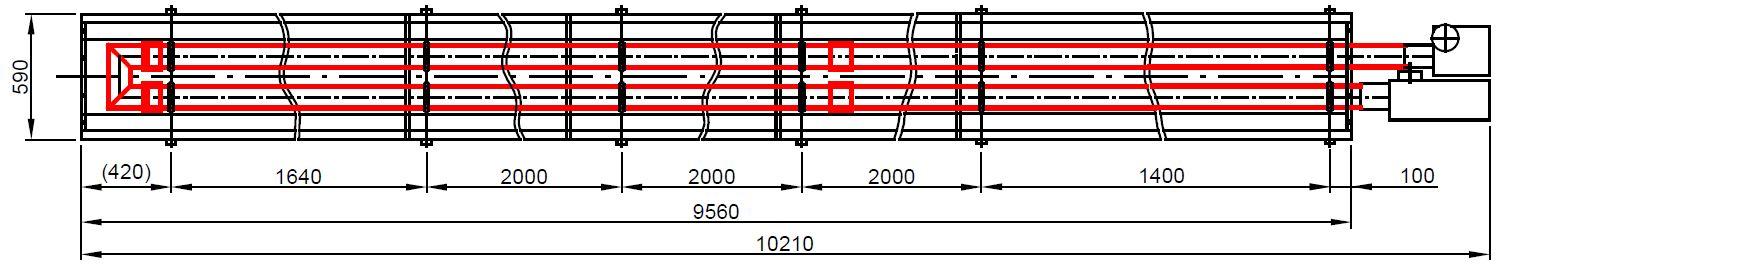 KM-45-U-10m-36kW